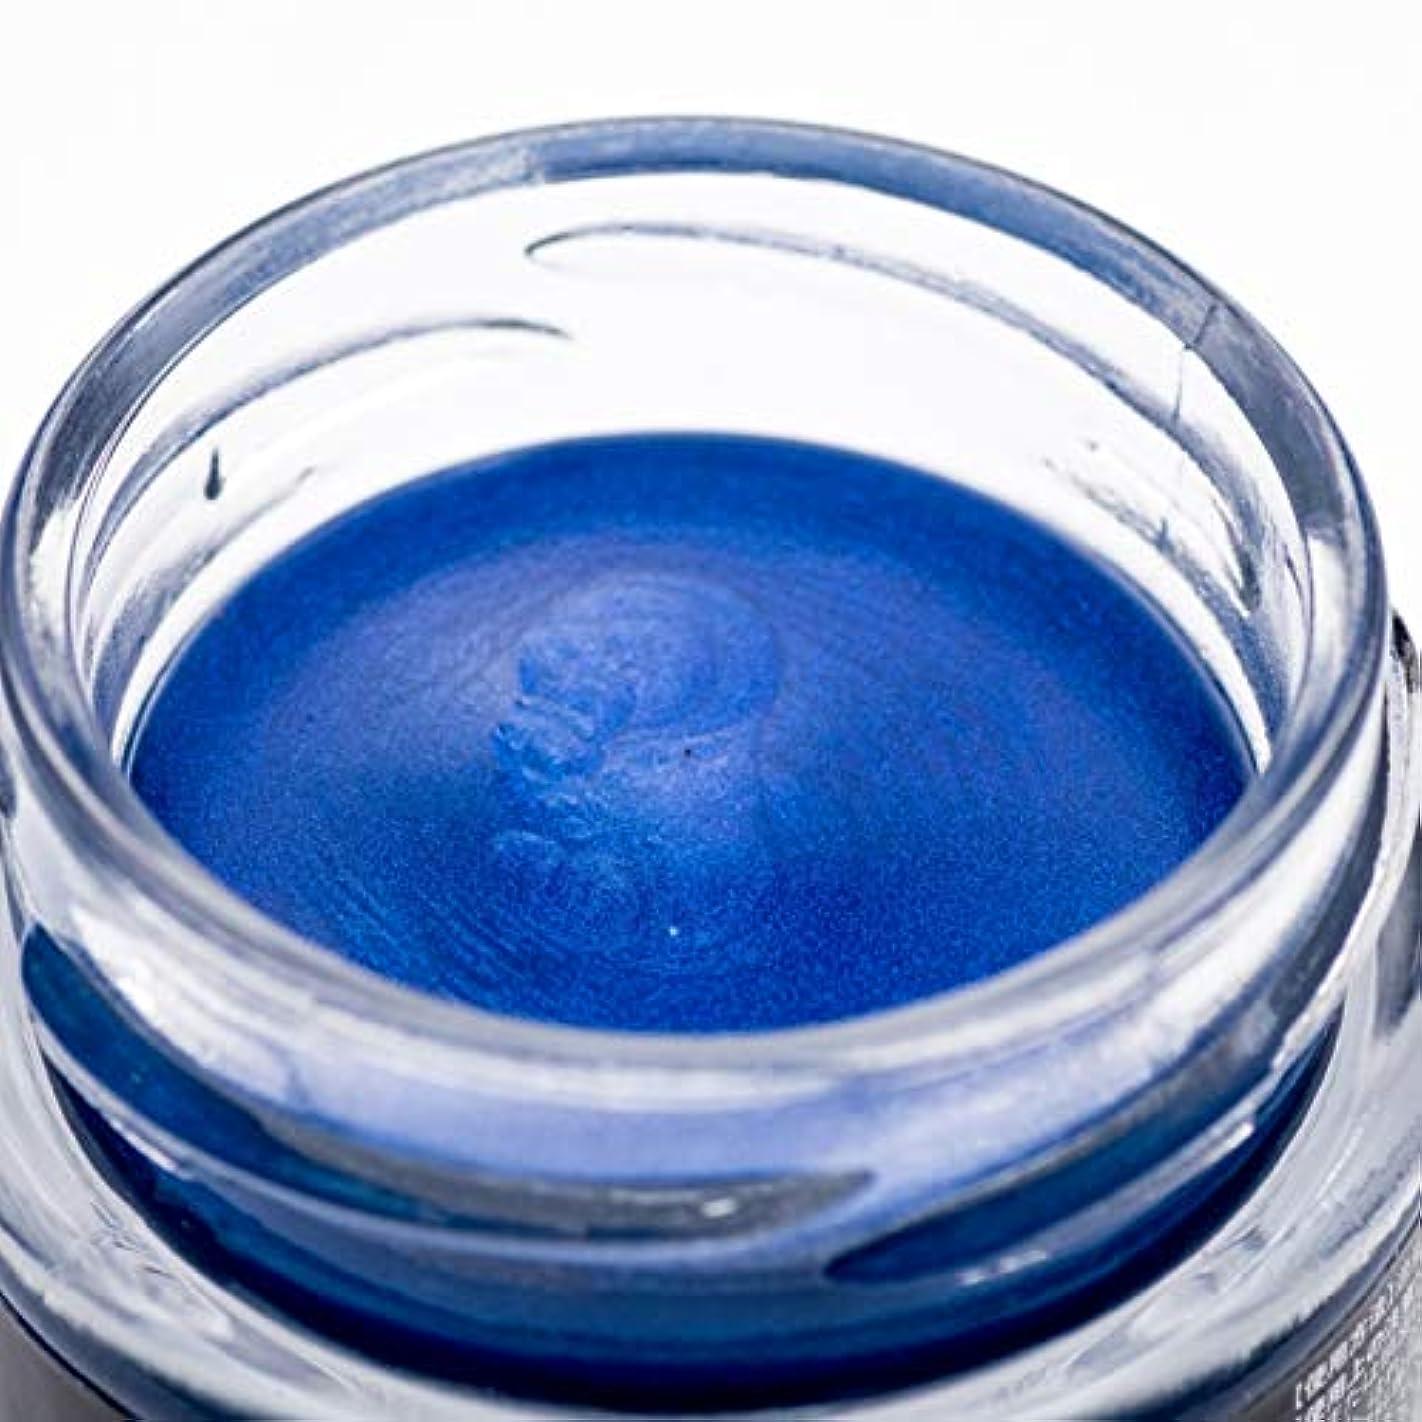 として国籍コマンドEMAJINY エマジニー カラーワックス Mysterious Blue ブルー M25 36g